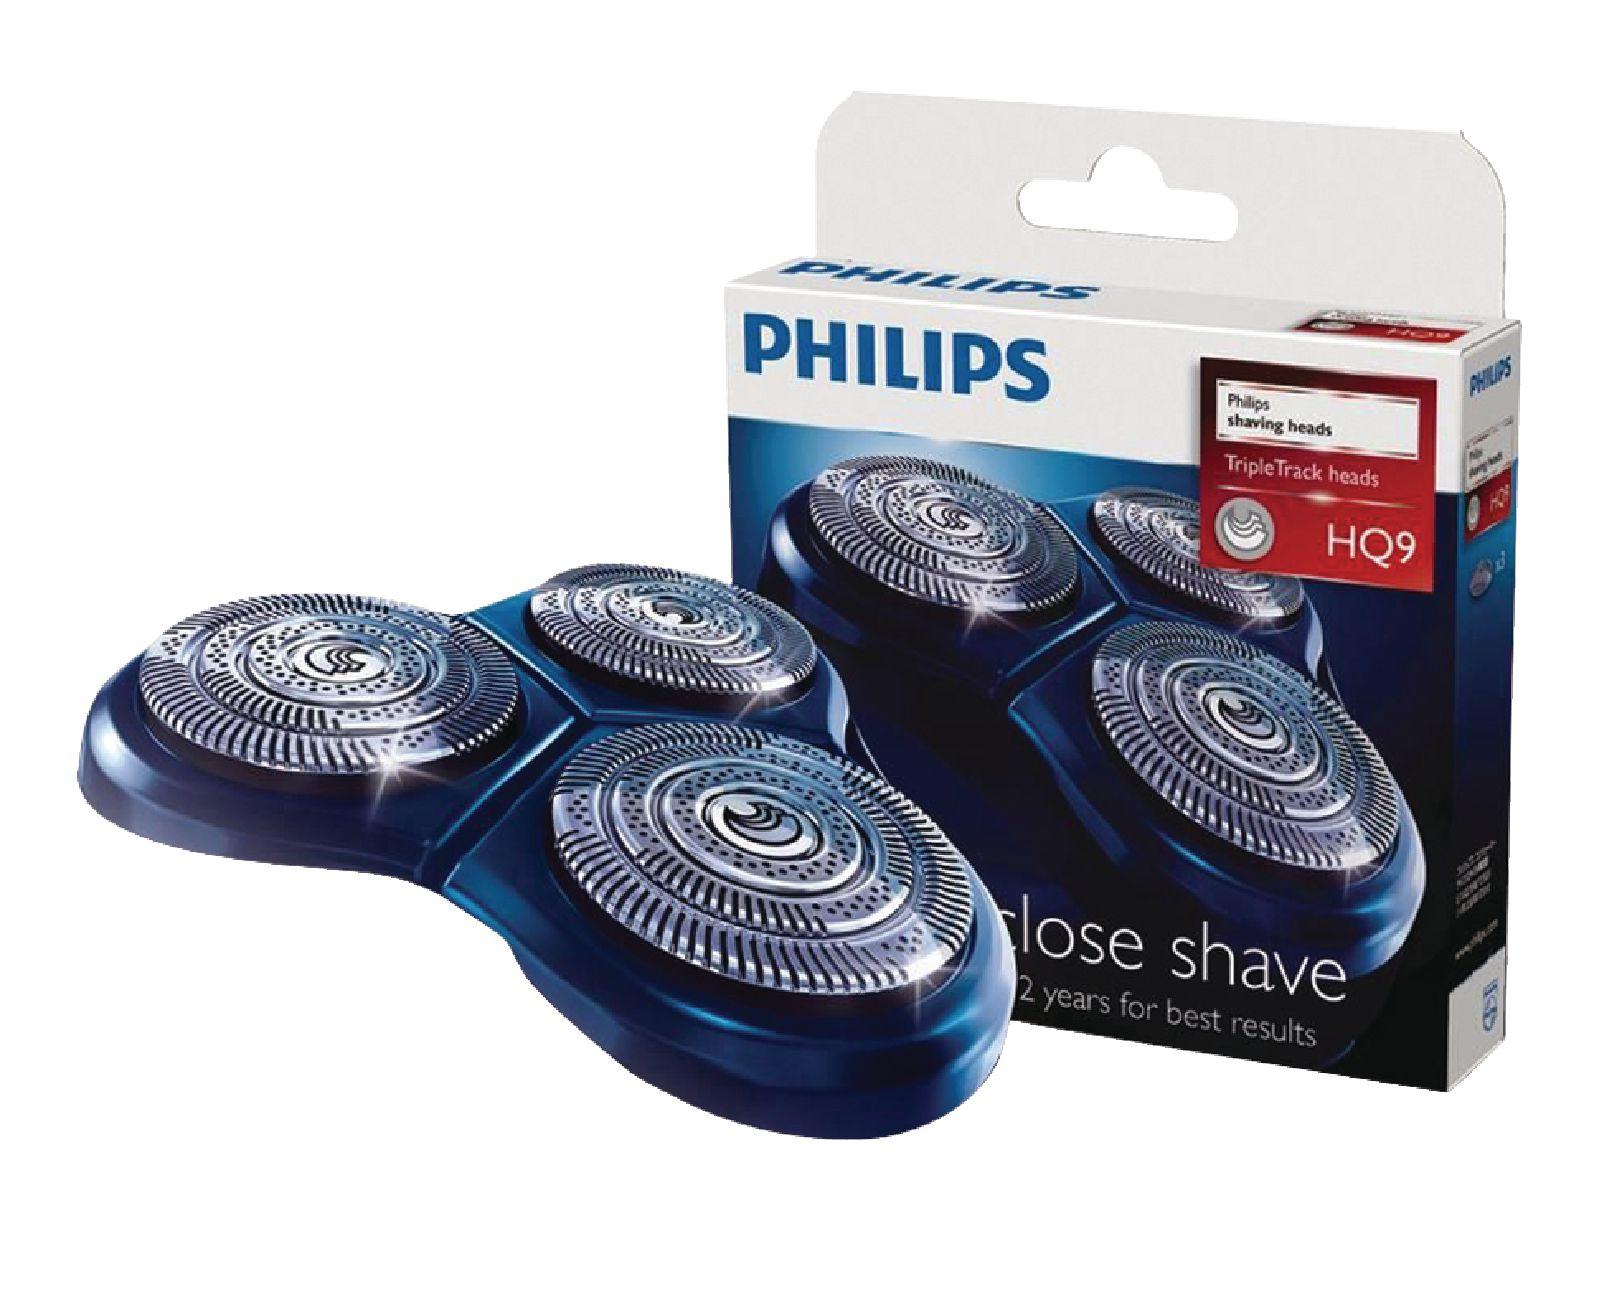 Holicí frézky Philips HQ9/50